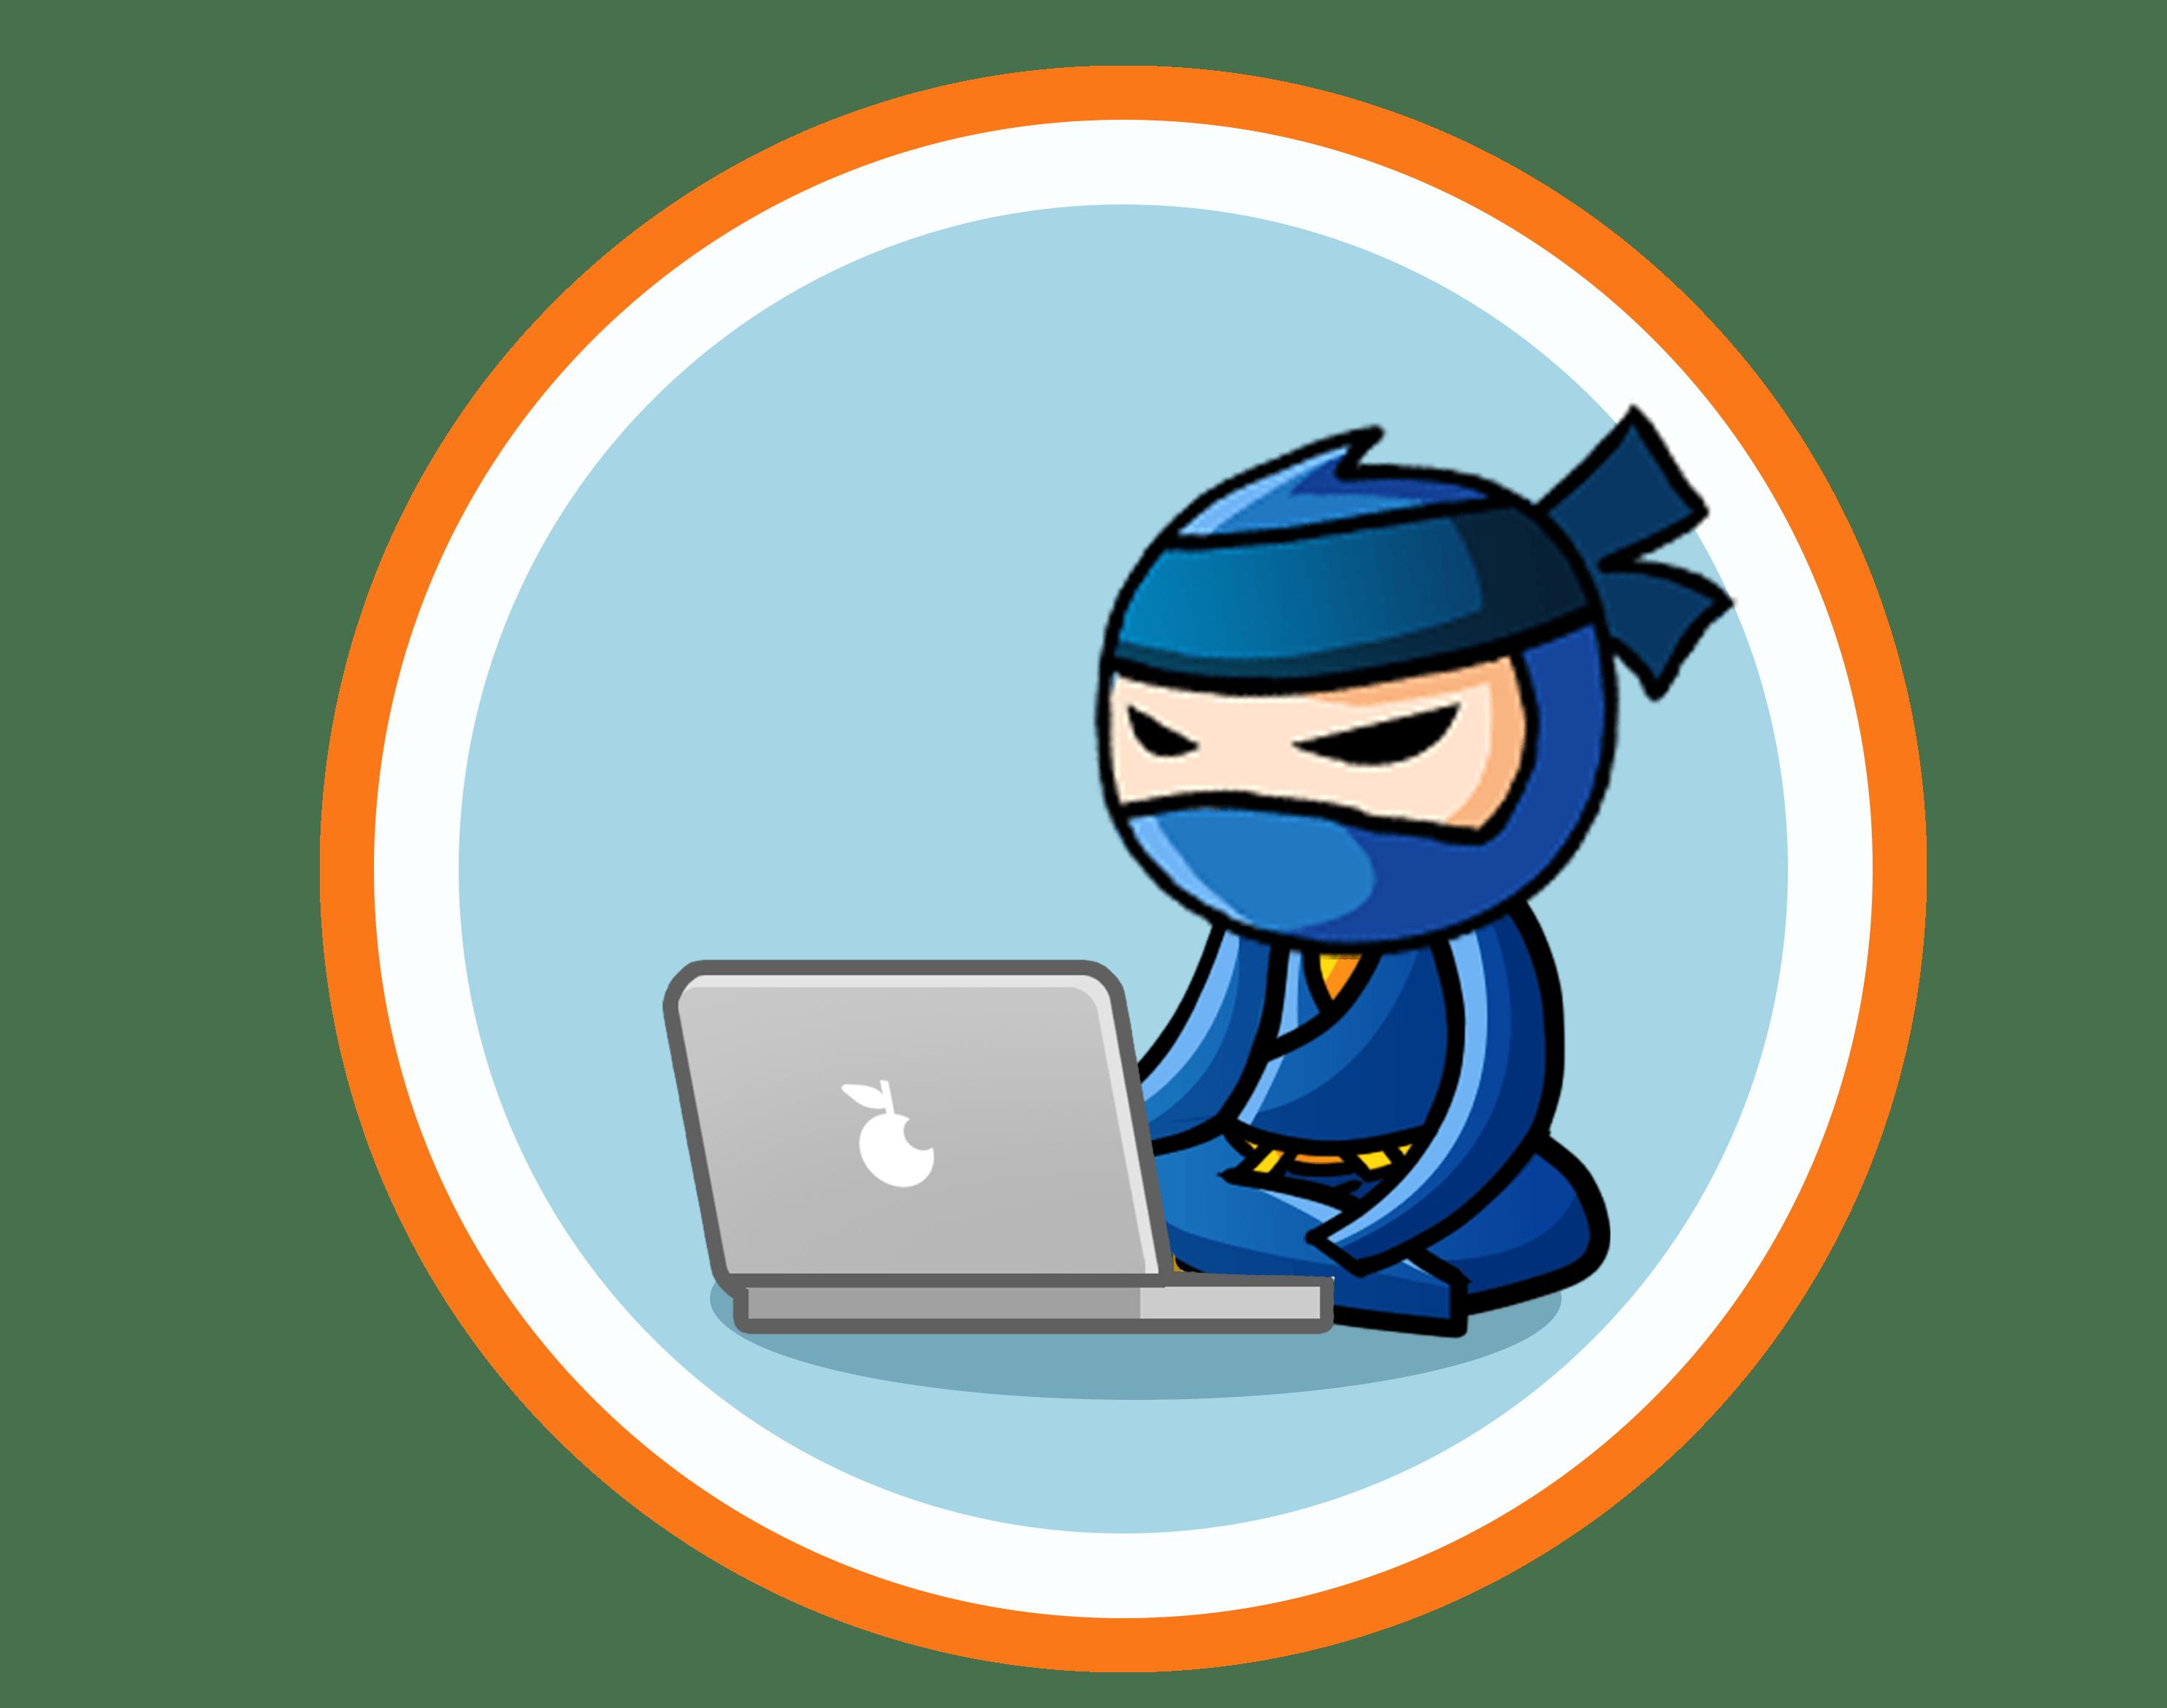 Ninja használ laptop